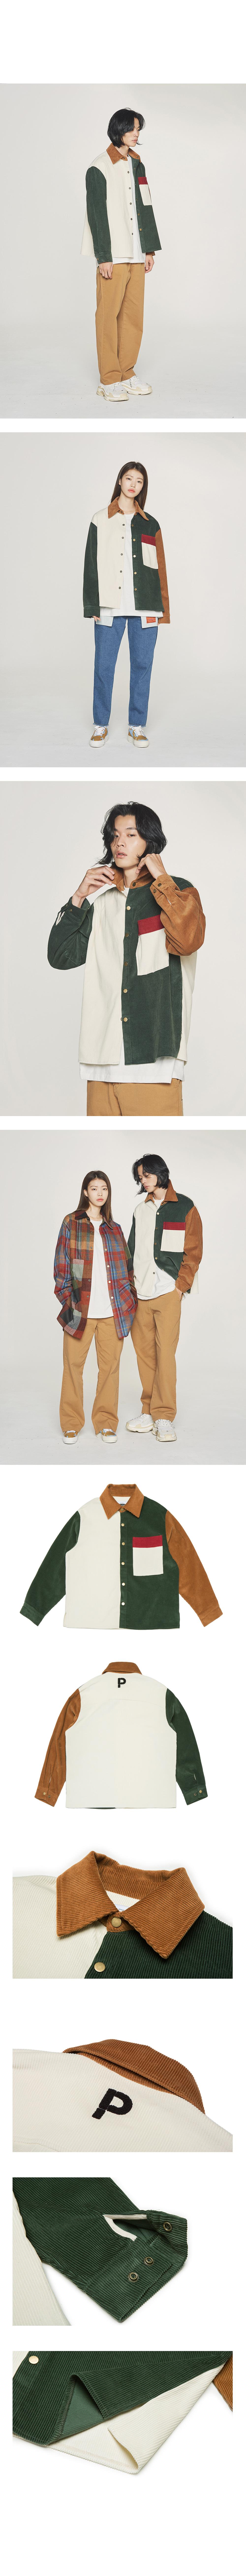 8's Corduroy Mix Shirts-Jacket_ivory1000p.jpg